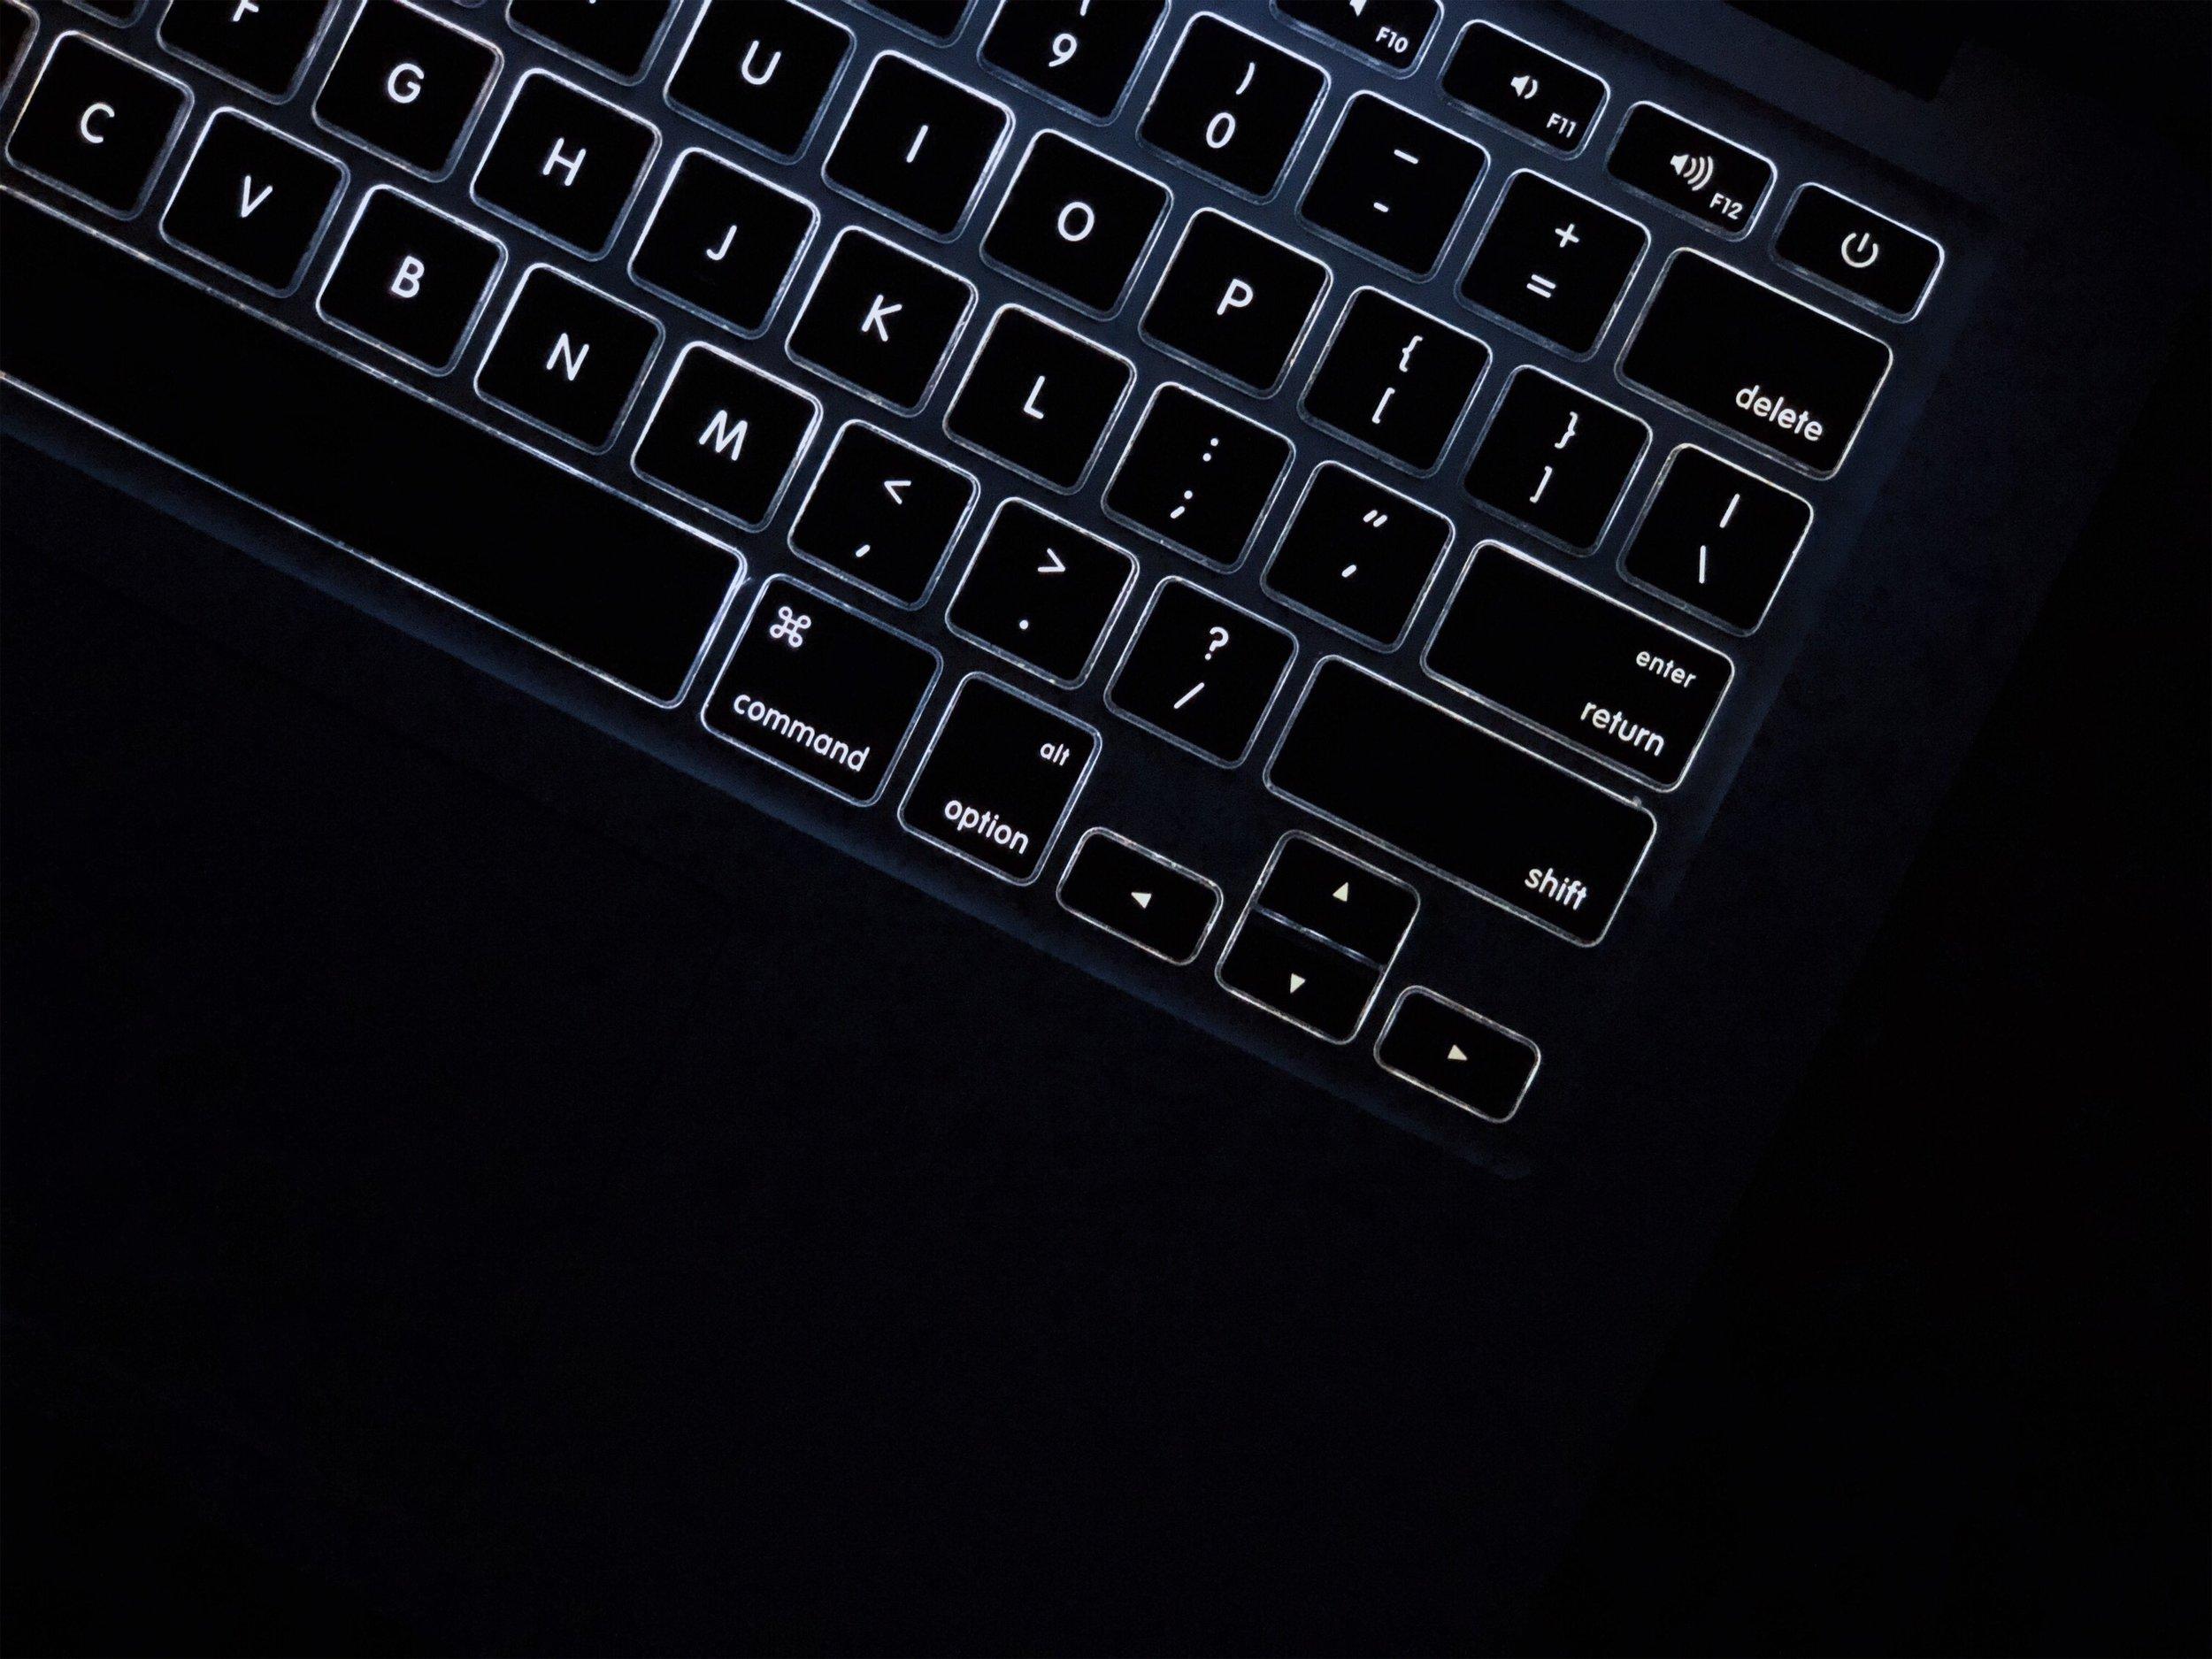 我的MacBook Air鍵盤